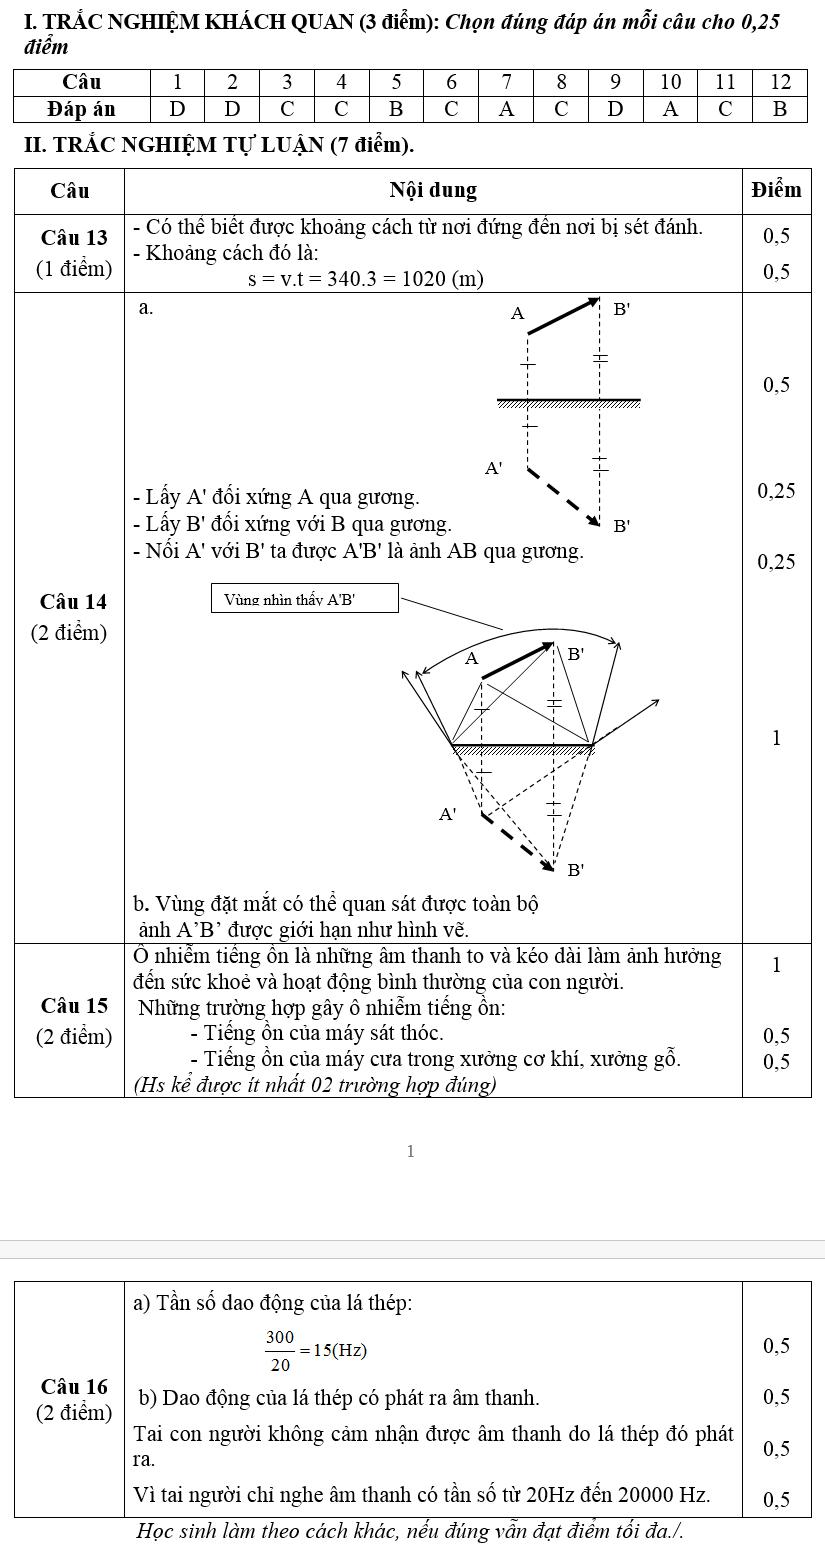 Đề thi học kì 1 lớp 7 môn Vật Lý - Chiêm Hóa năm 2014